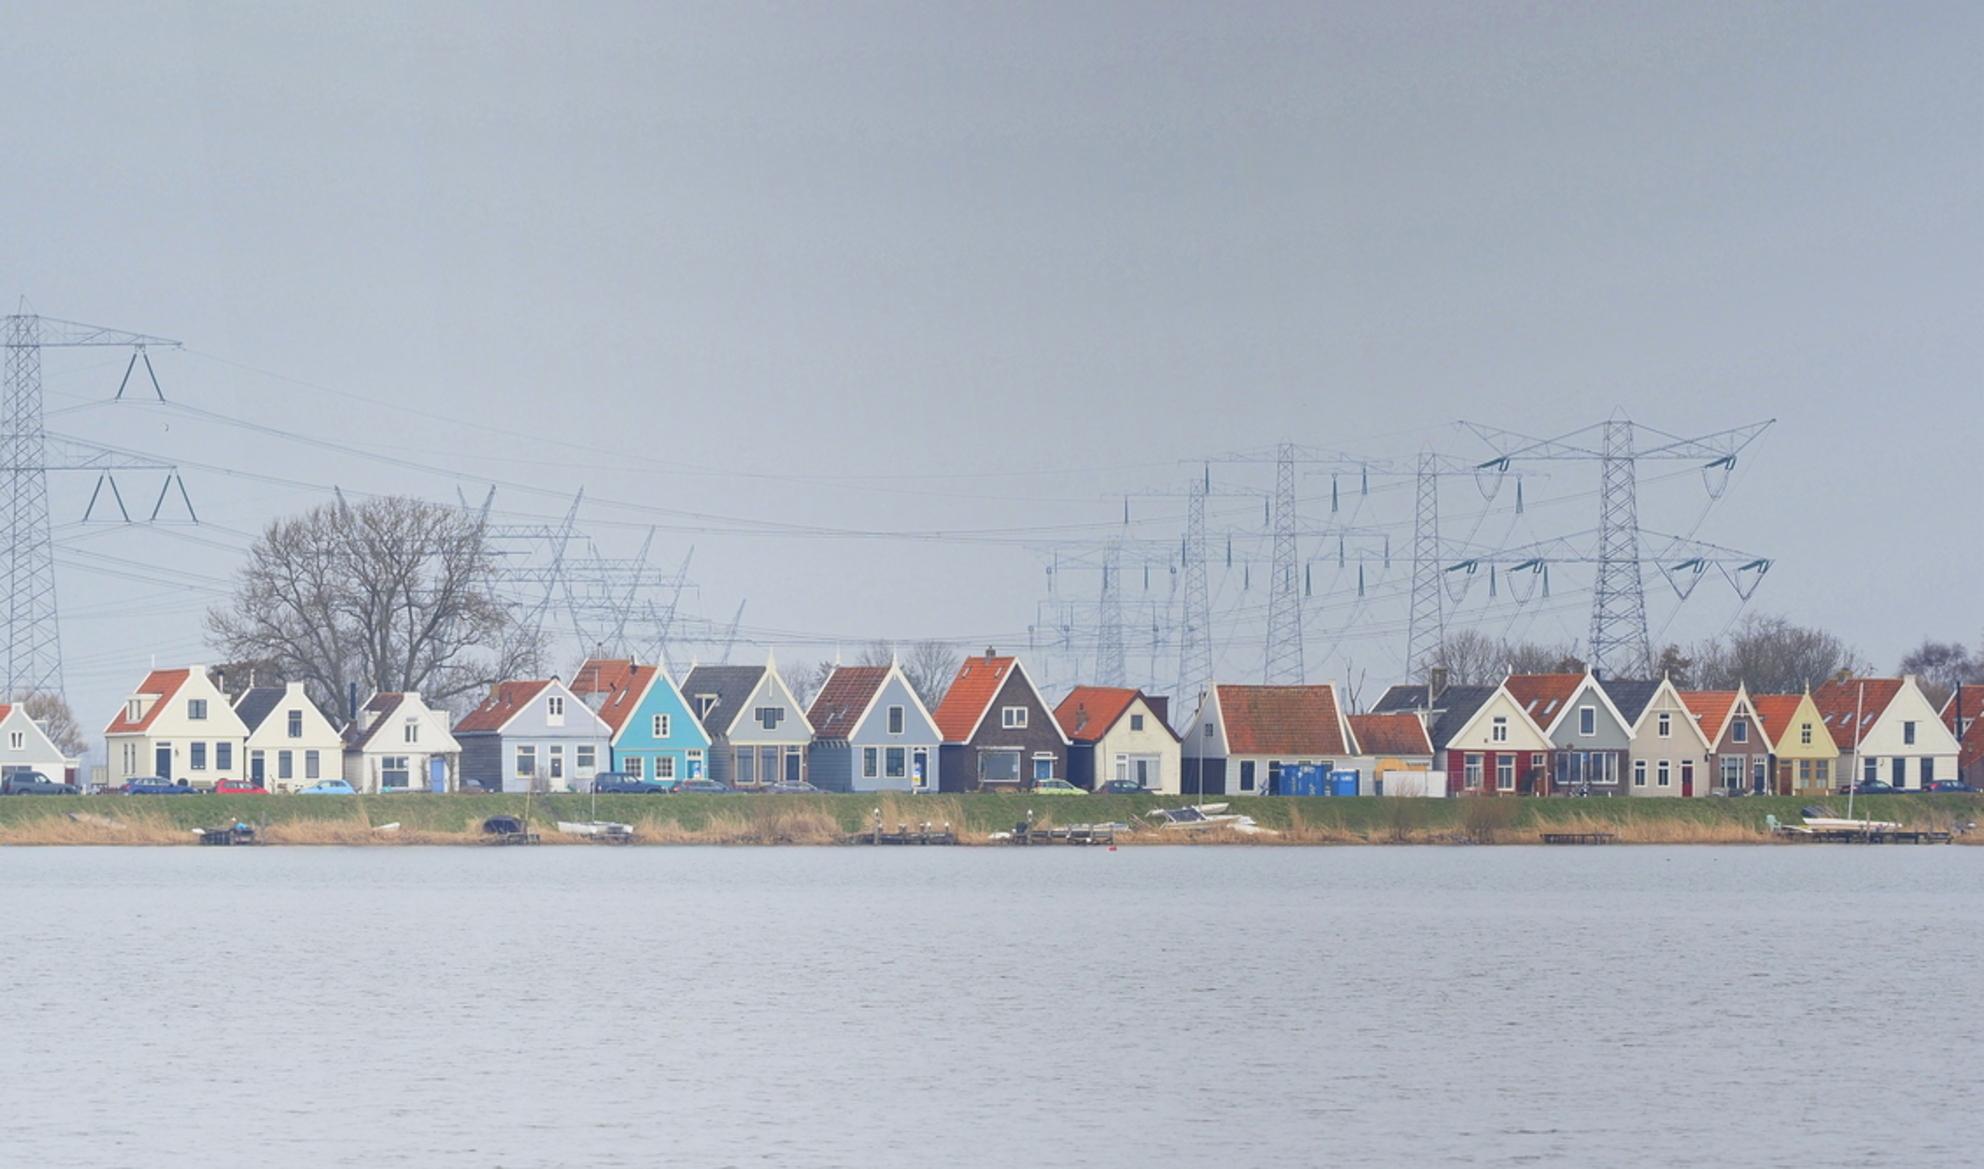 Kleurrijk... - Vanaf het Markermeer - foto door pietsnoeier op 31-03-2021 - deze foto bevat: natuur, markermeer, huisjes